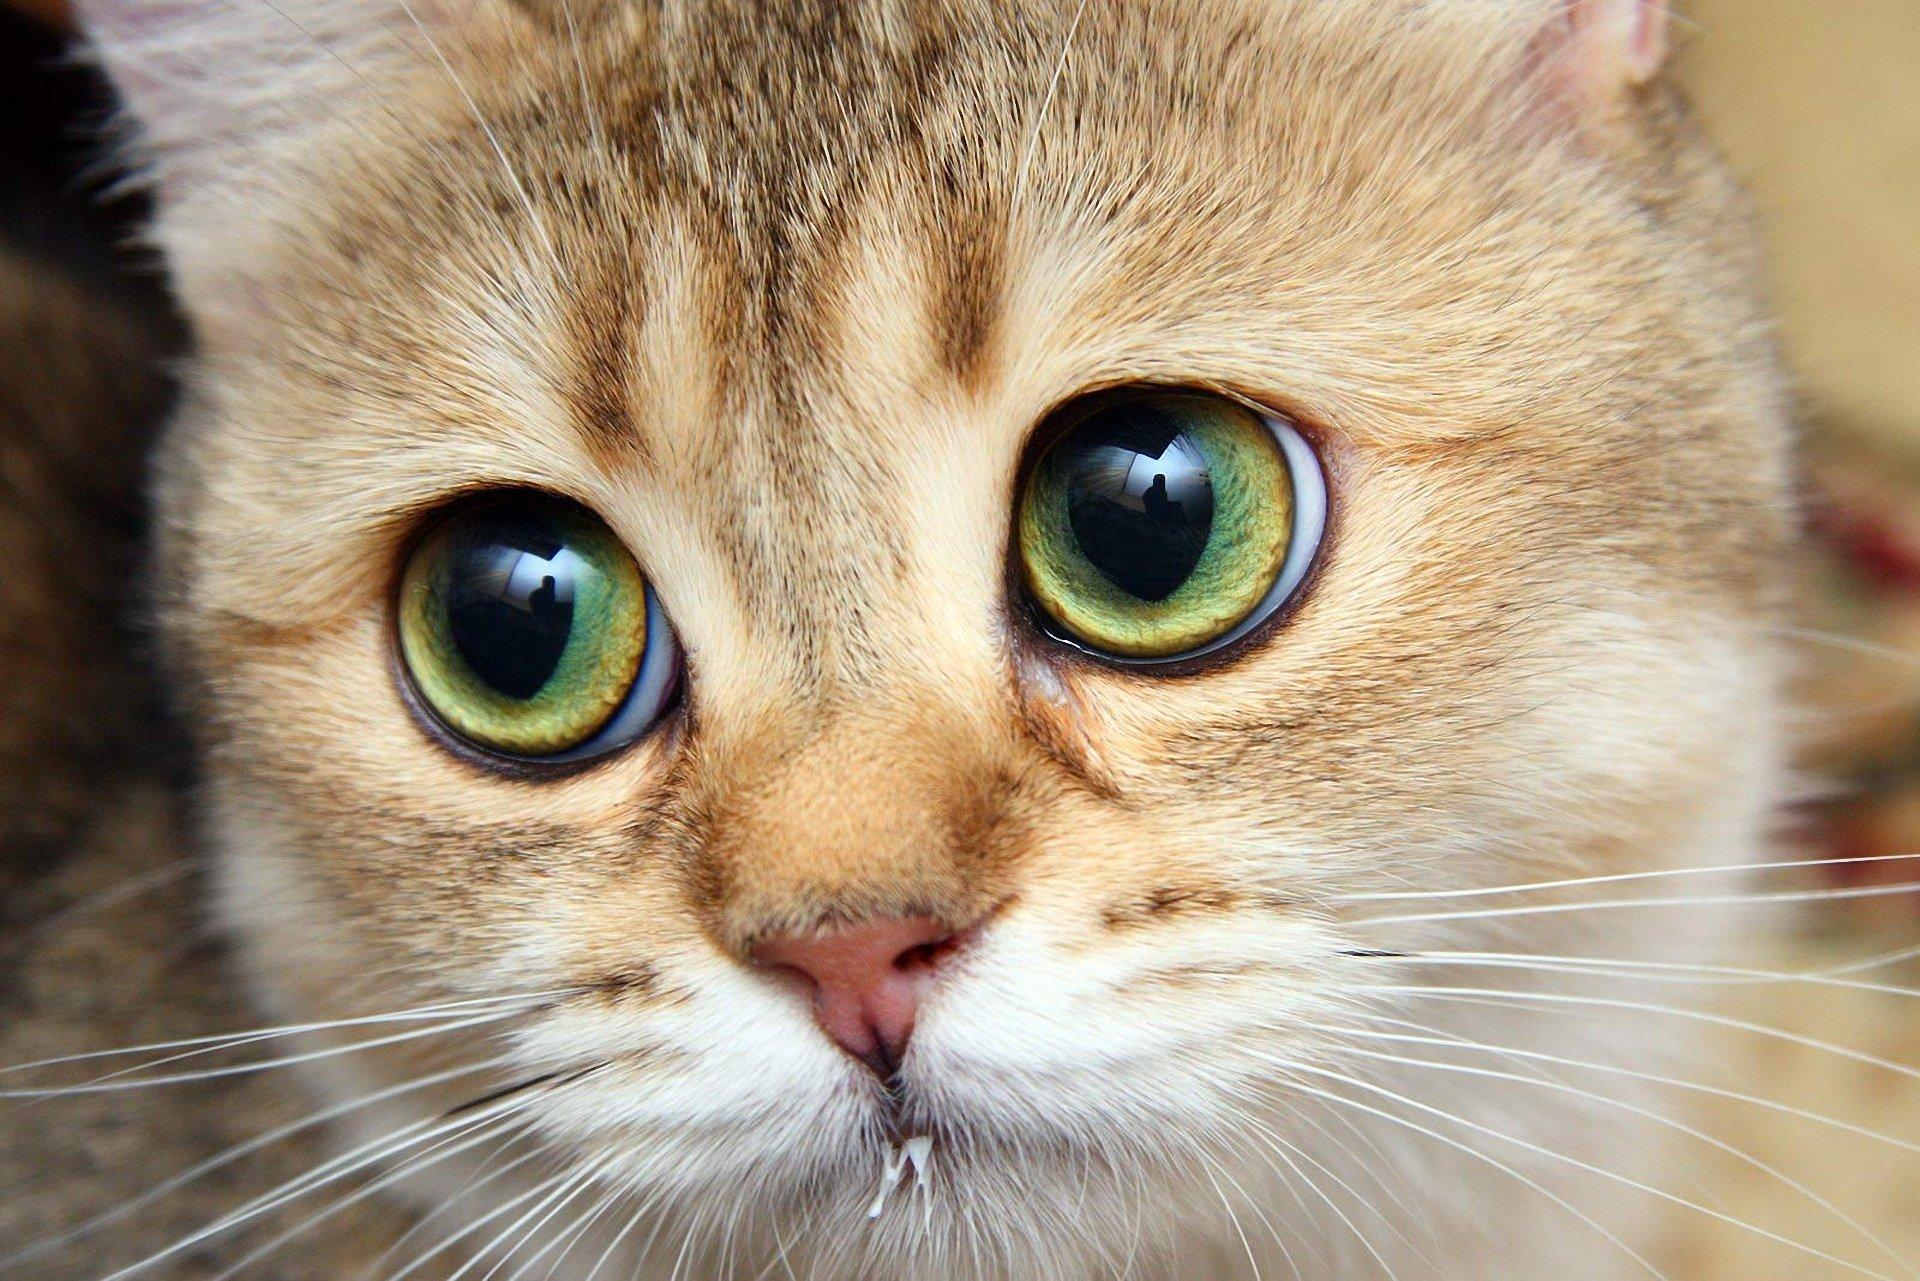 кошка зеленые глаза постель  № 3655557 бесплатно